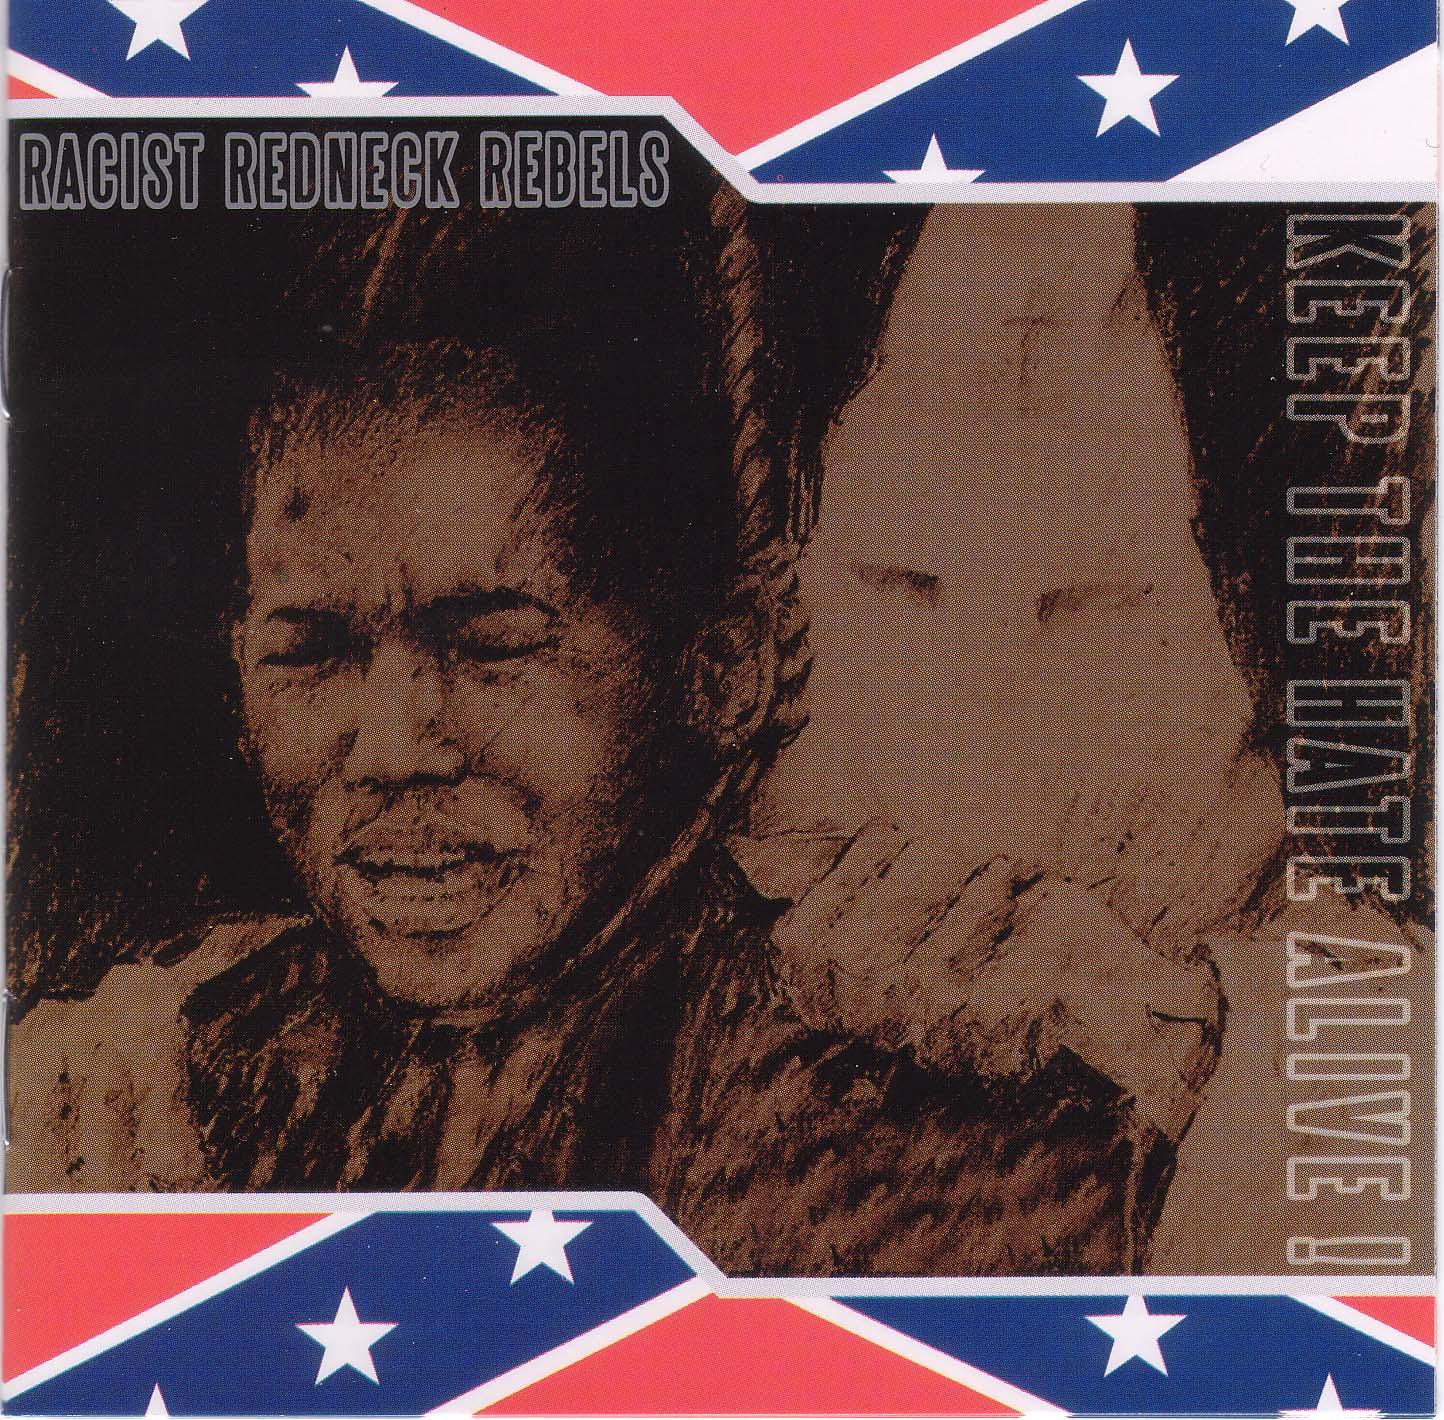 CD- Cover der Racist Redneck Rebels: Keep the hat alive